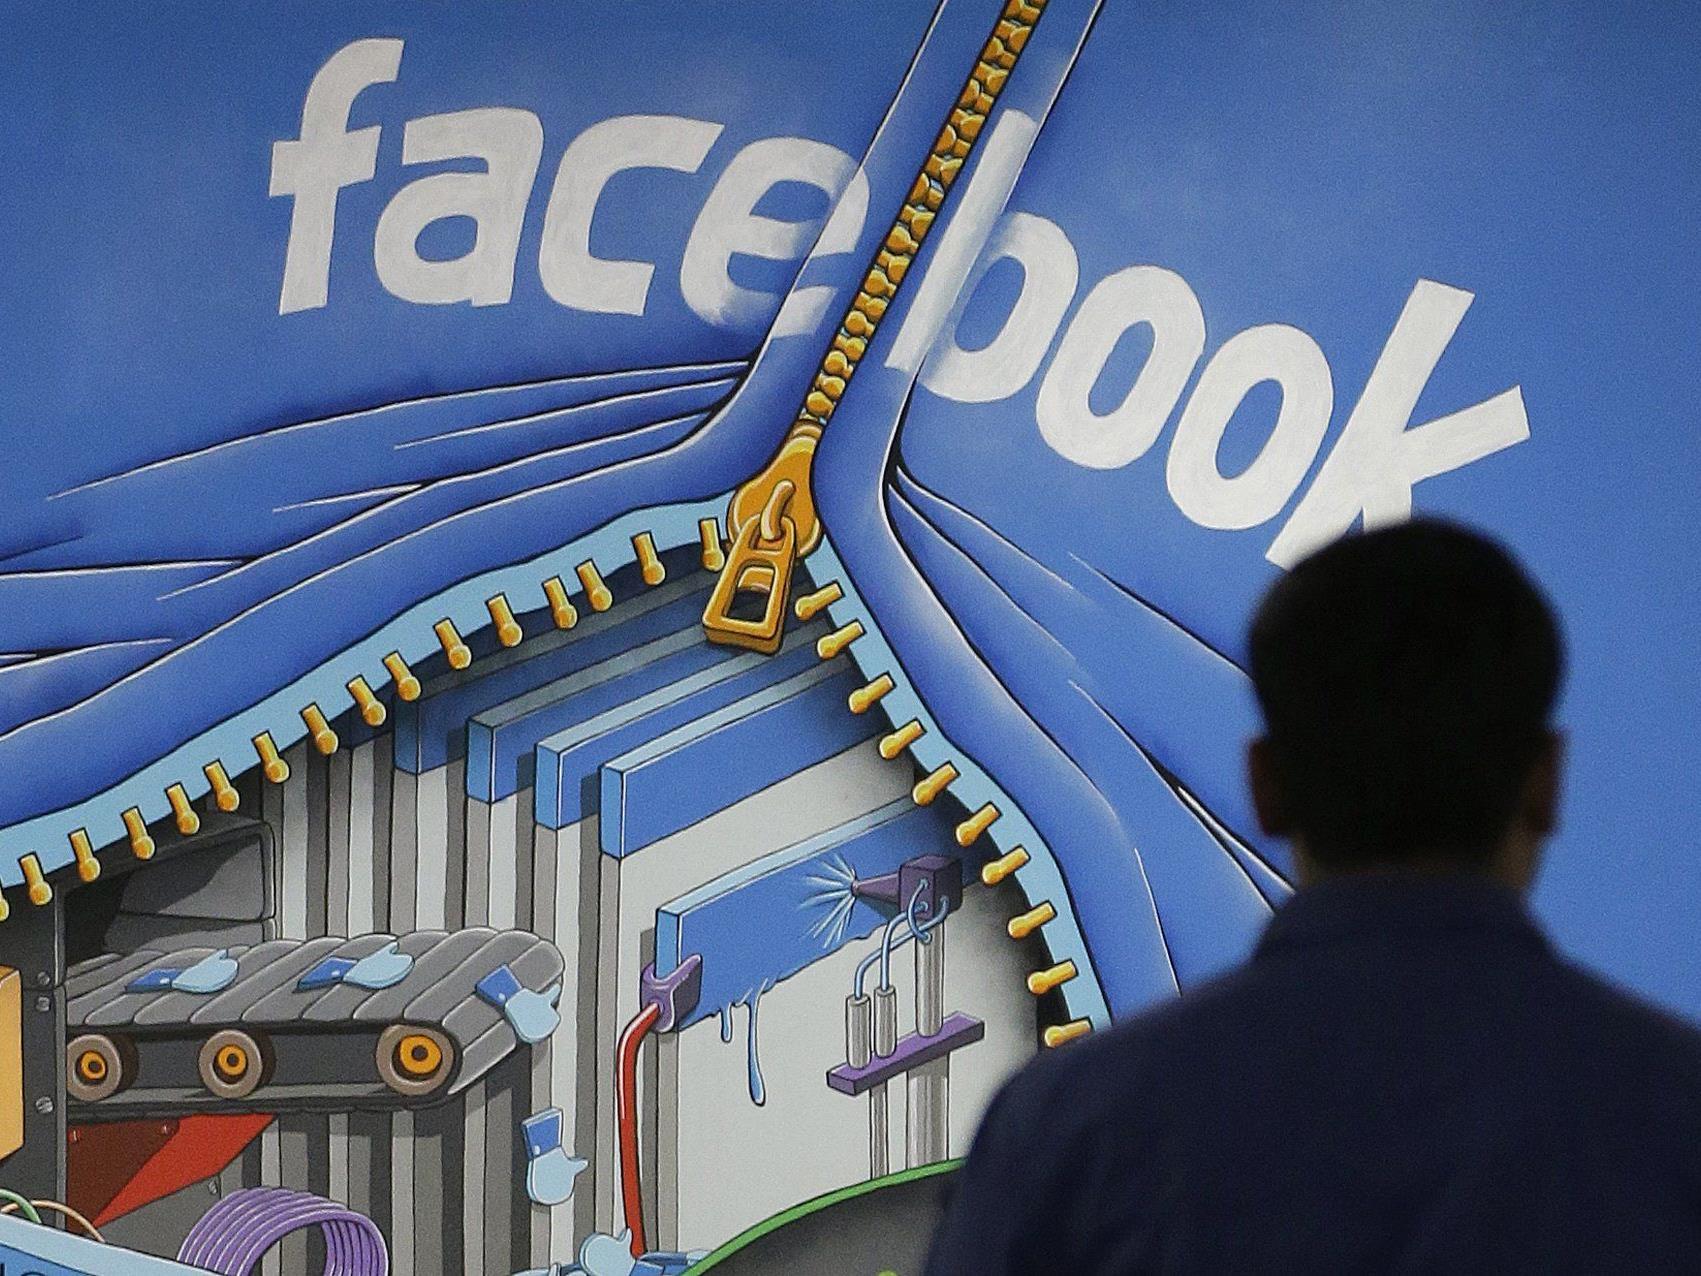 Nach über einem Jahr hat die Facebook-Aktie wieder ihren Ausgangswert erreicht.